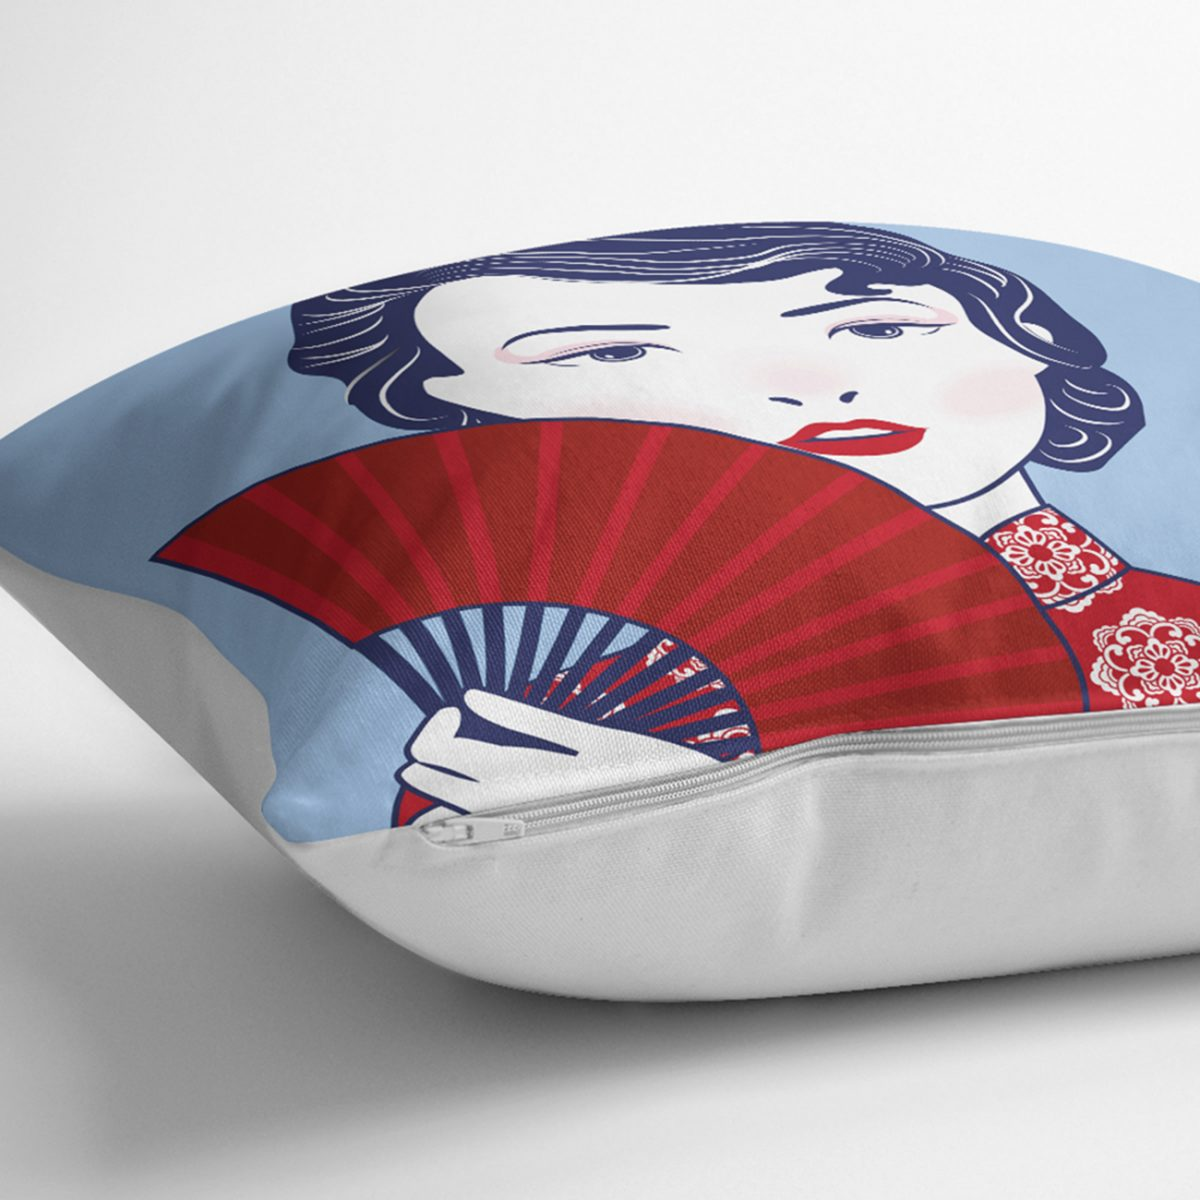 Kırmızı Yelpazeli Mavi Zeminli Japon Kadın Modern Yastık Kılıfı Realhomes